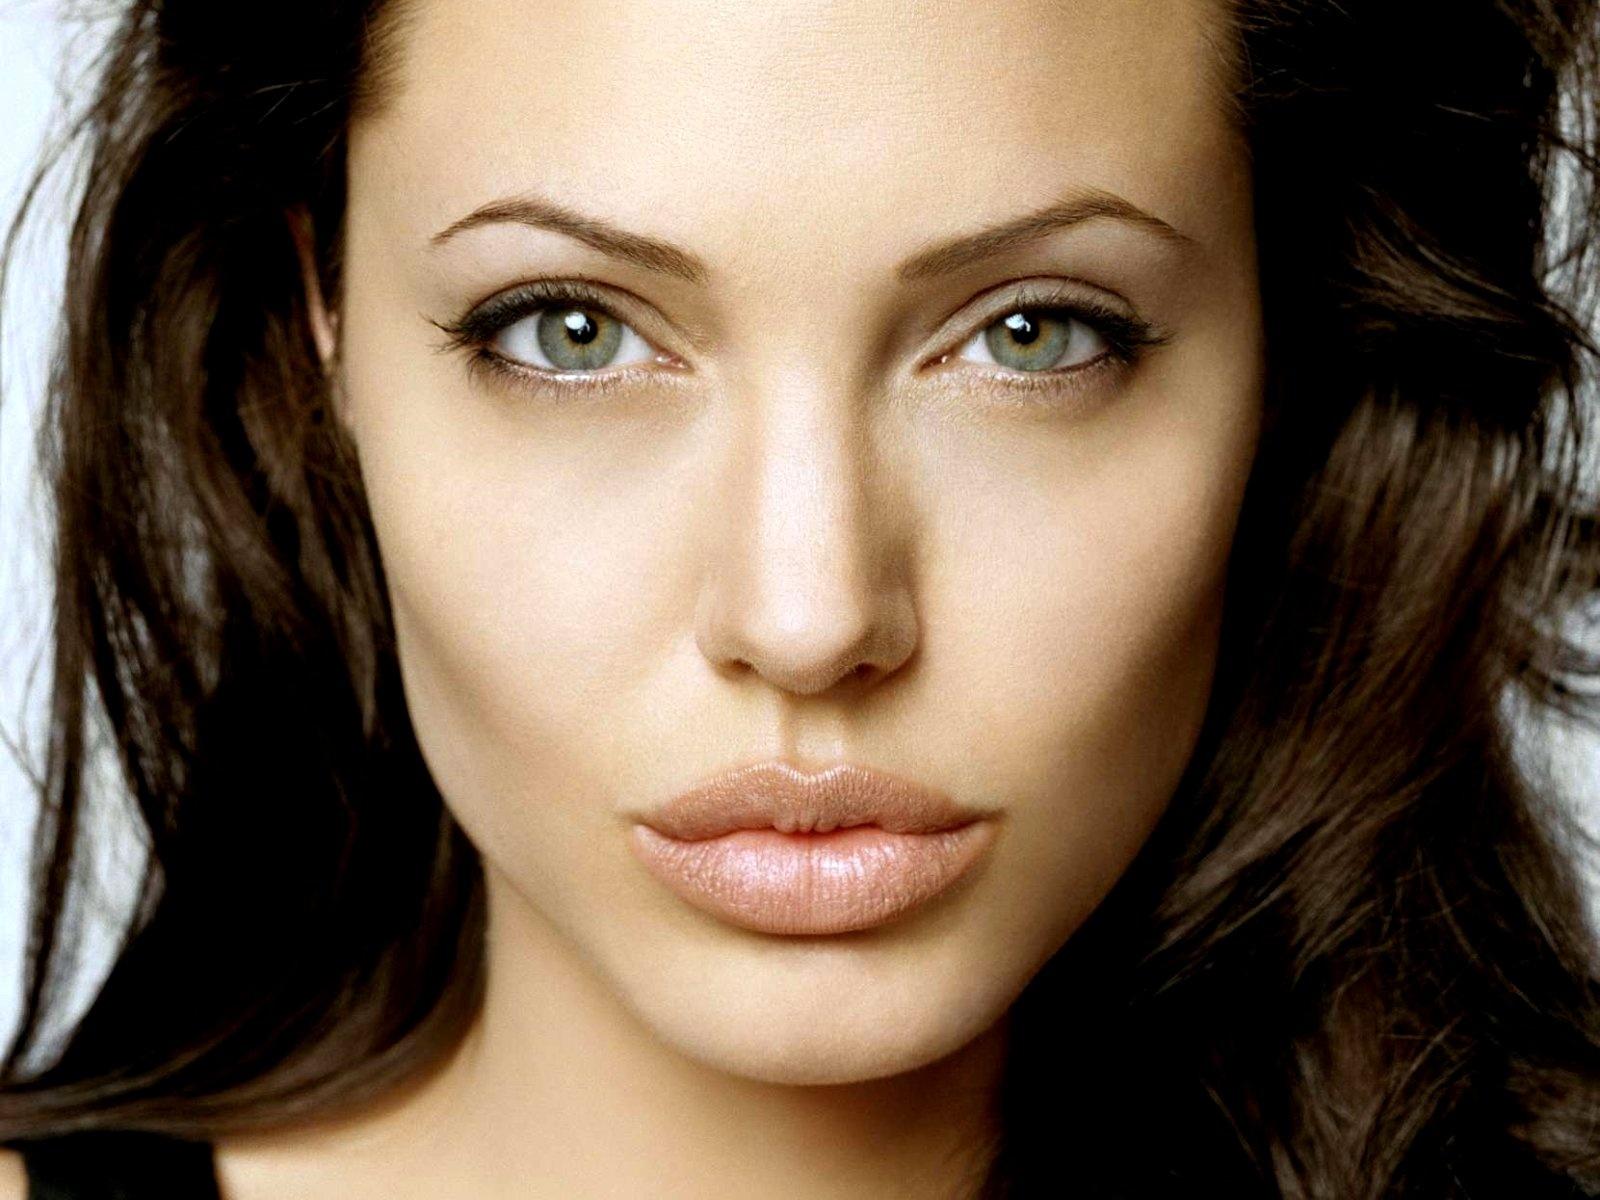 идеальная женщина: губы